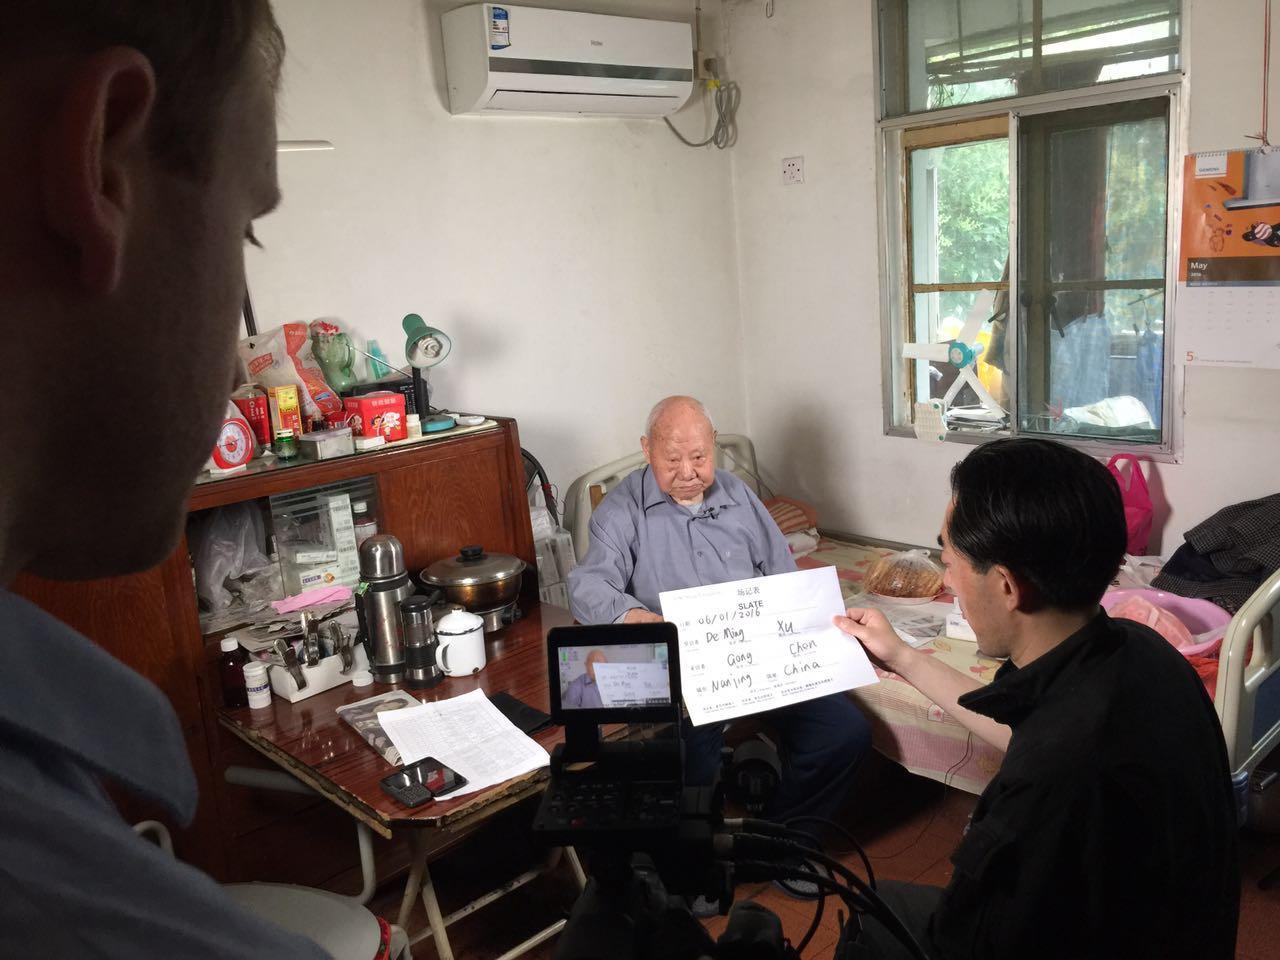 Testimony of Xu De Ming